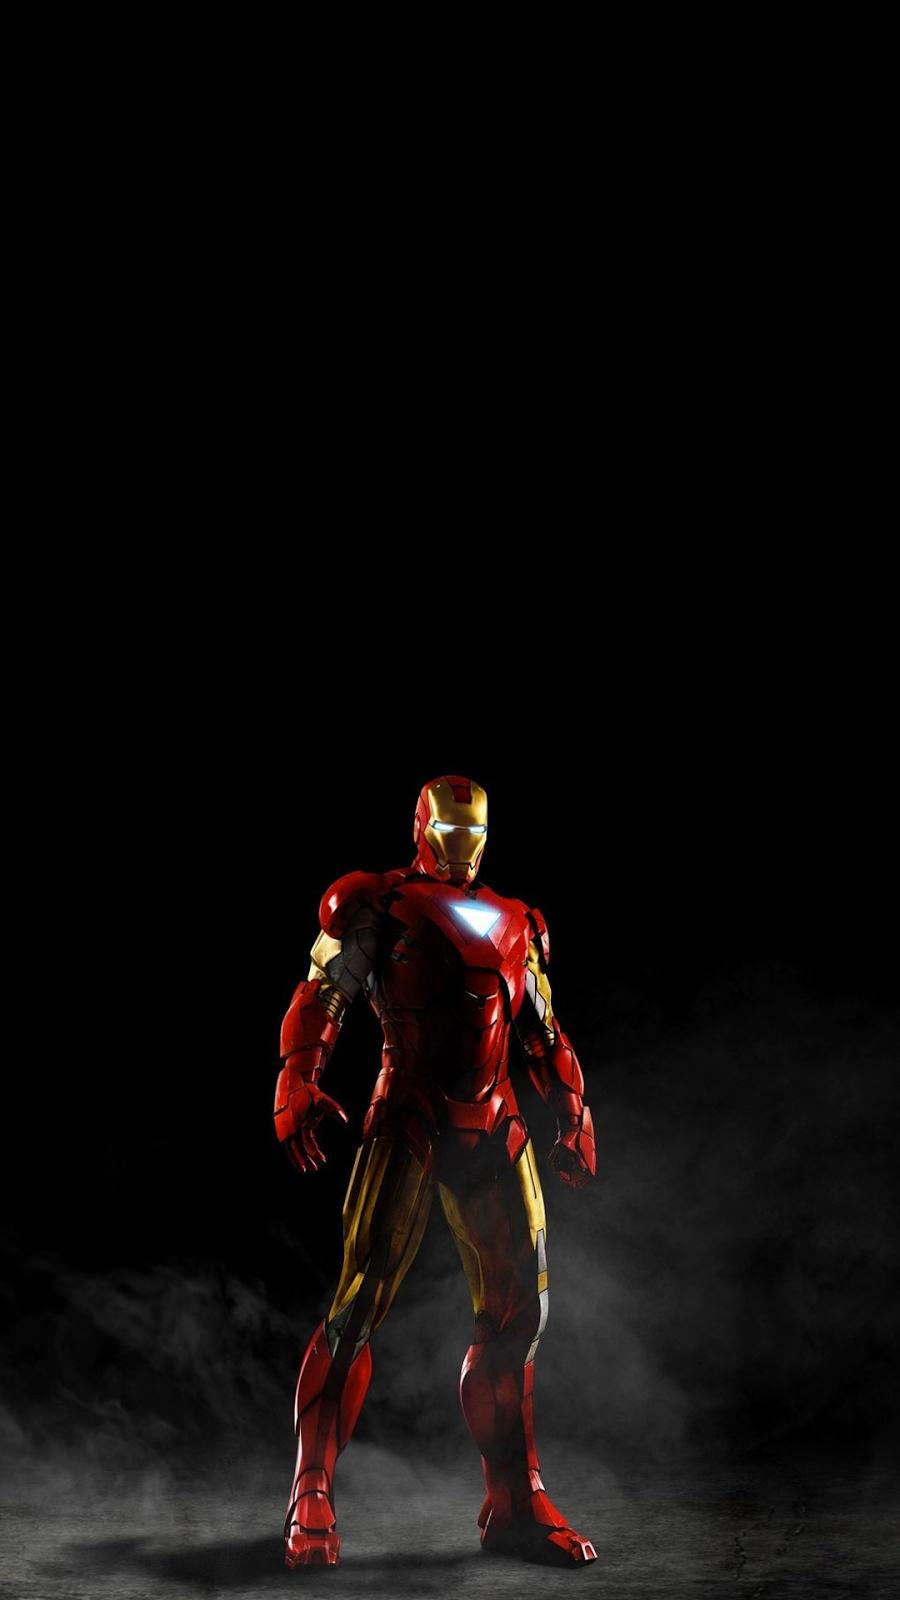 アイアンマン Iron Man Iphone6壁紙 Wallpaperbox